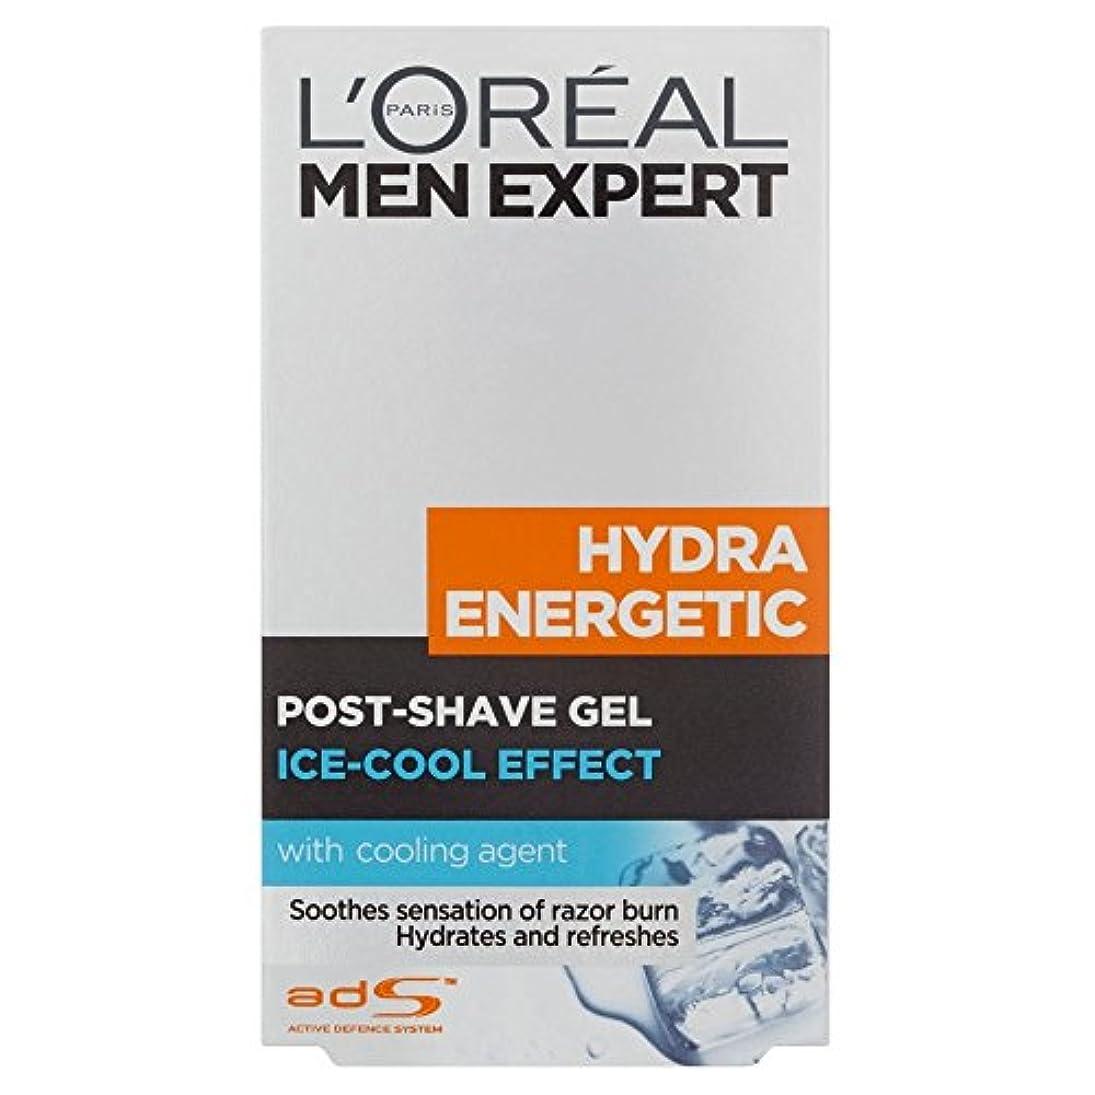 シート震えデータベースL'Oreal Paris Men Expert Hydra Energetic Post Shave Balm (100ml) L'オラ?アルパリのメンズ専門ヒドラエネルギッシュなポストシェーブバーム( 100ミリリットル...